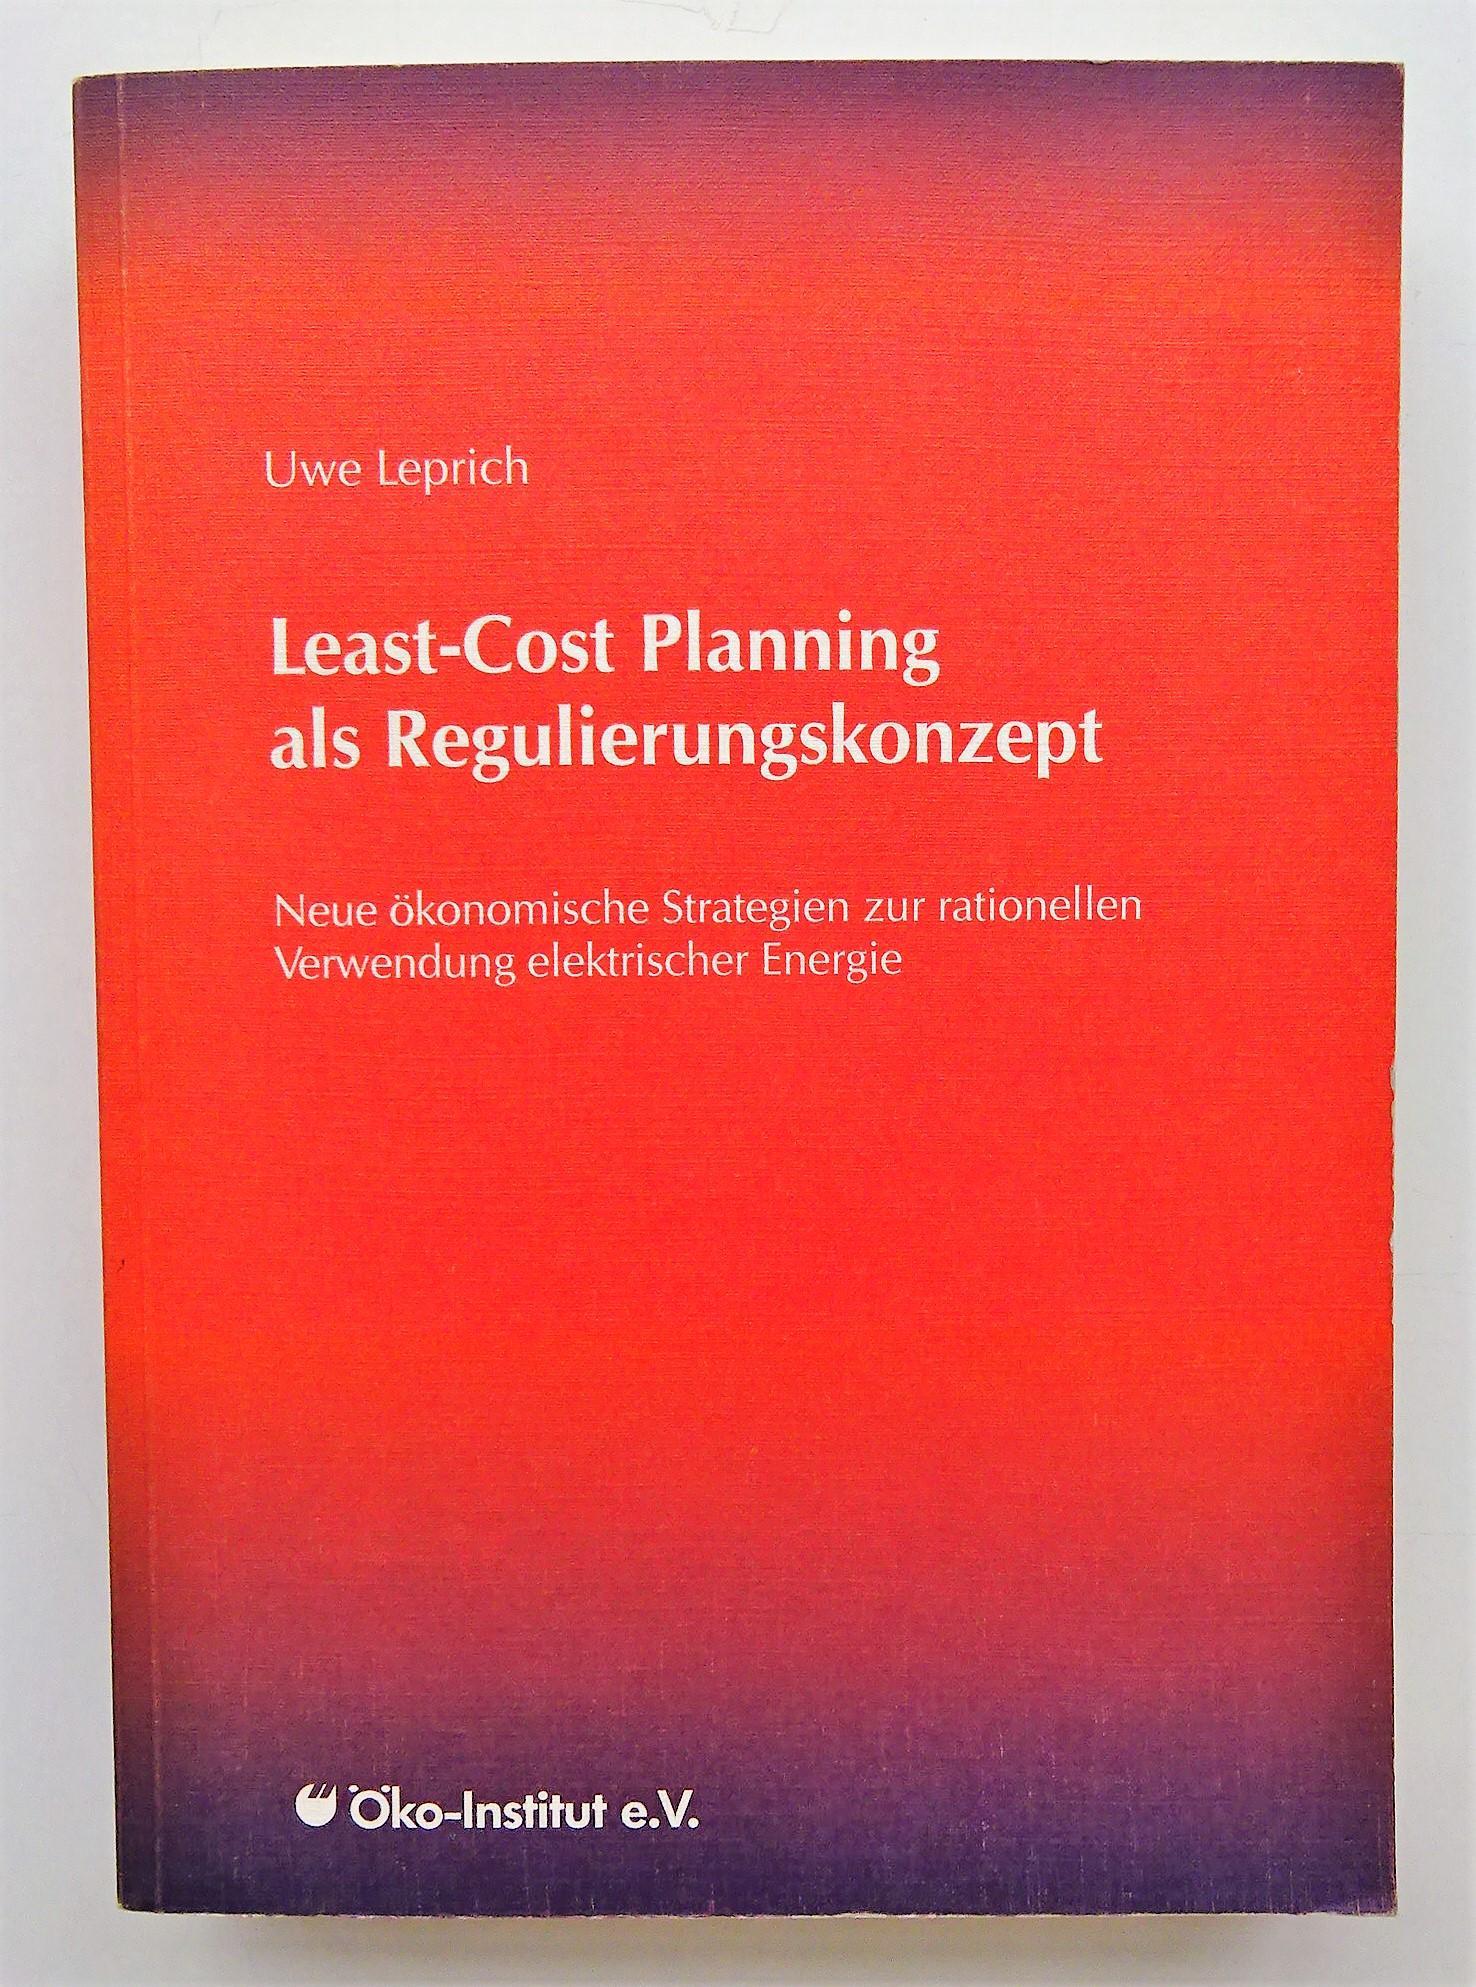 Least-Cost Planning als Regulierungskonzept. Neue ökonomische Strategien zur rationellen Verwendung elektrischer Energie. Mit Abb. u. Tab. - Leprich, Uwe